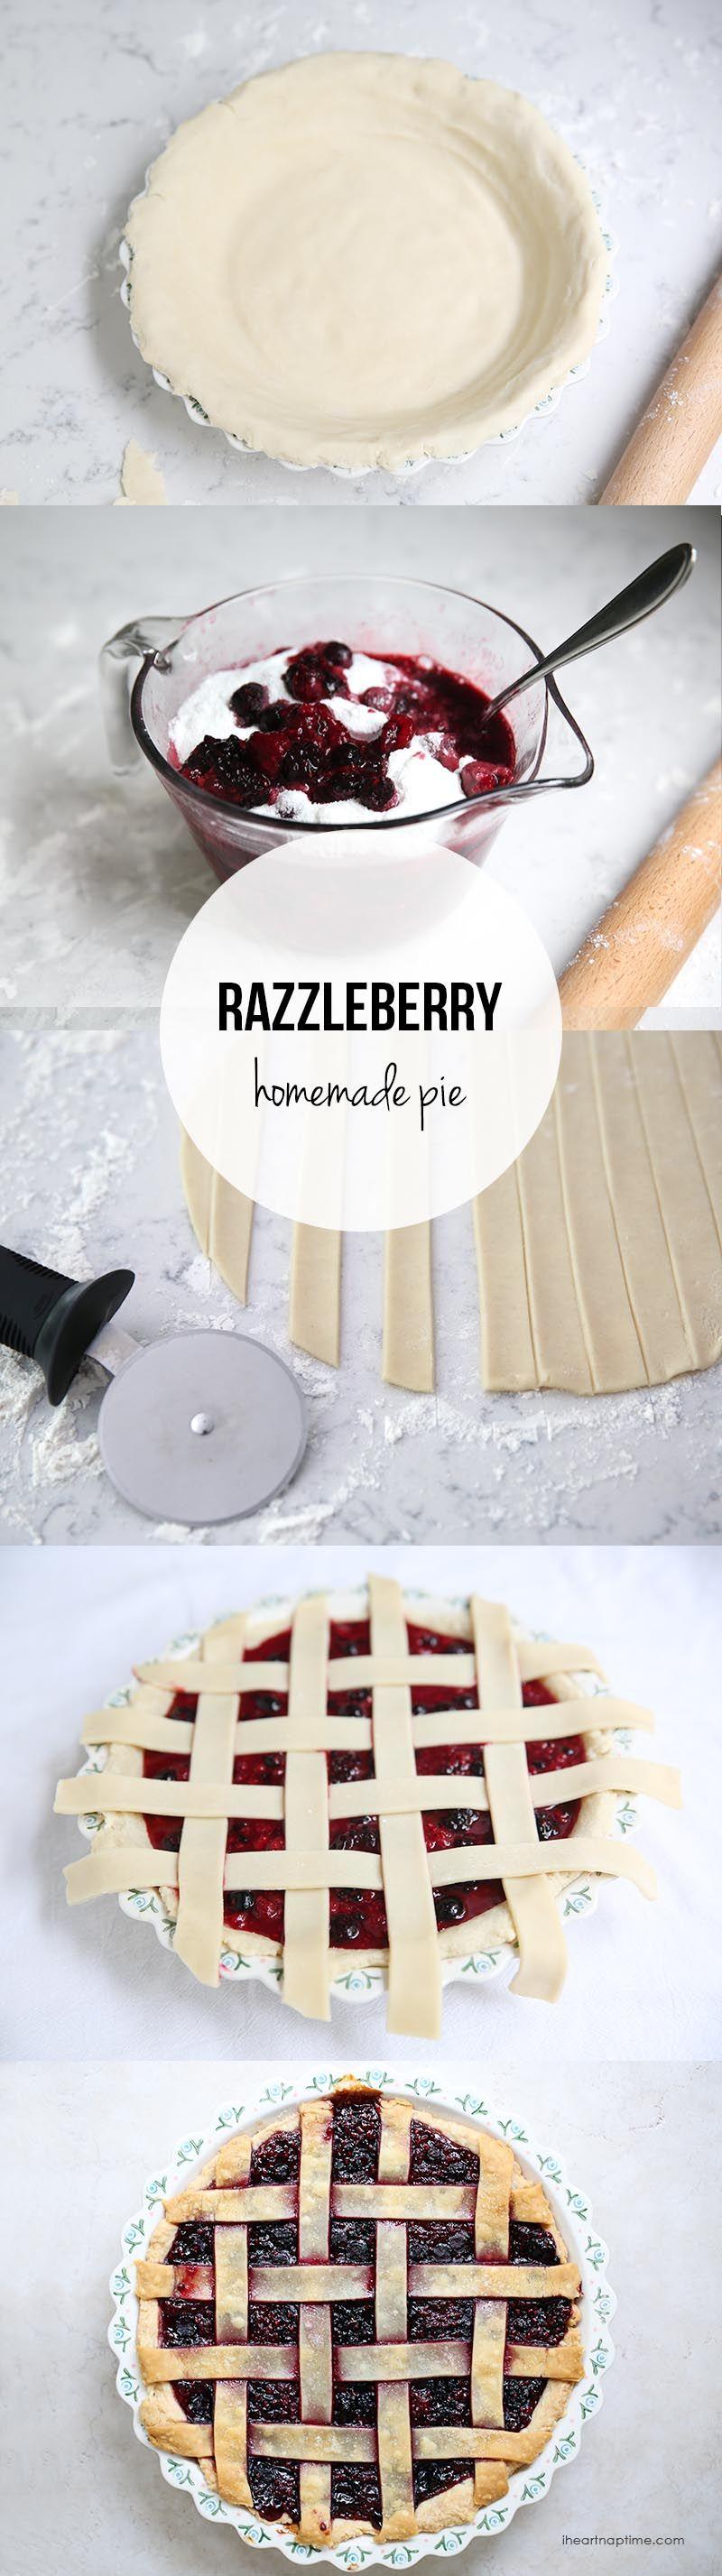 The BEST Razzleberry Pie Recipe - I Heart Naptime